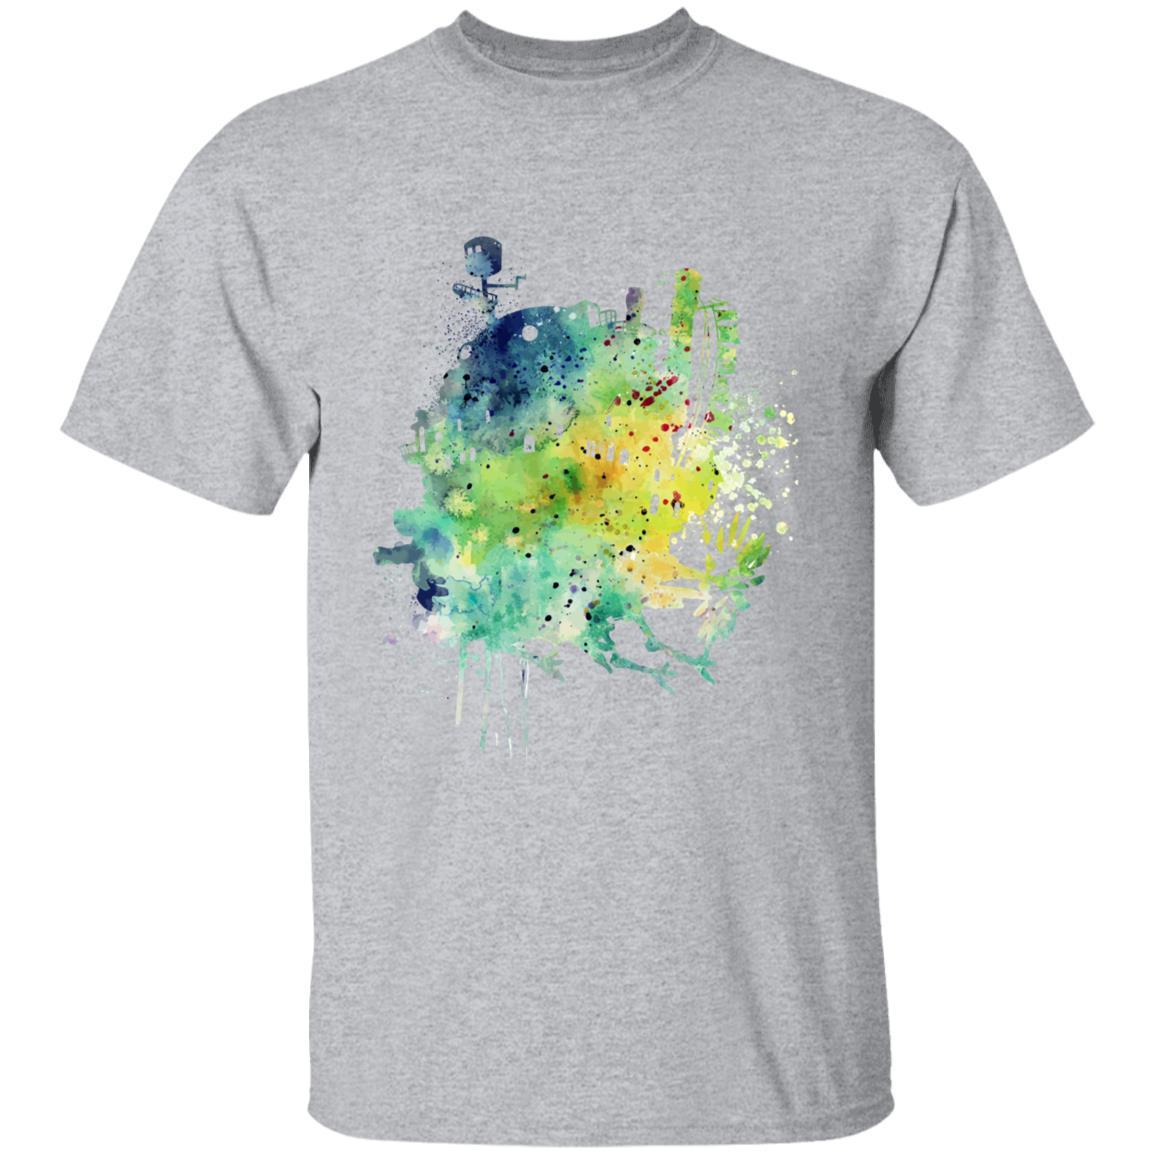 Howl's Moving Castle Colorful Castle T Shirt